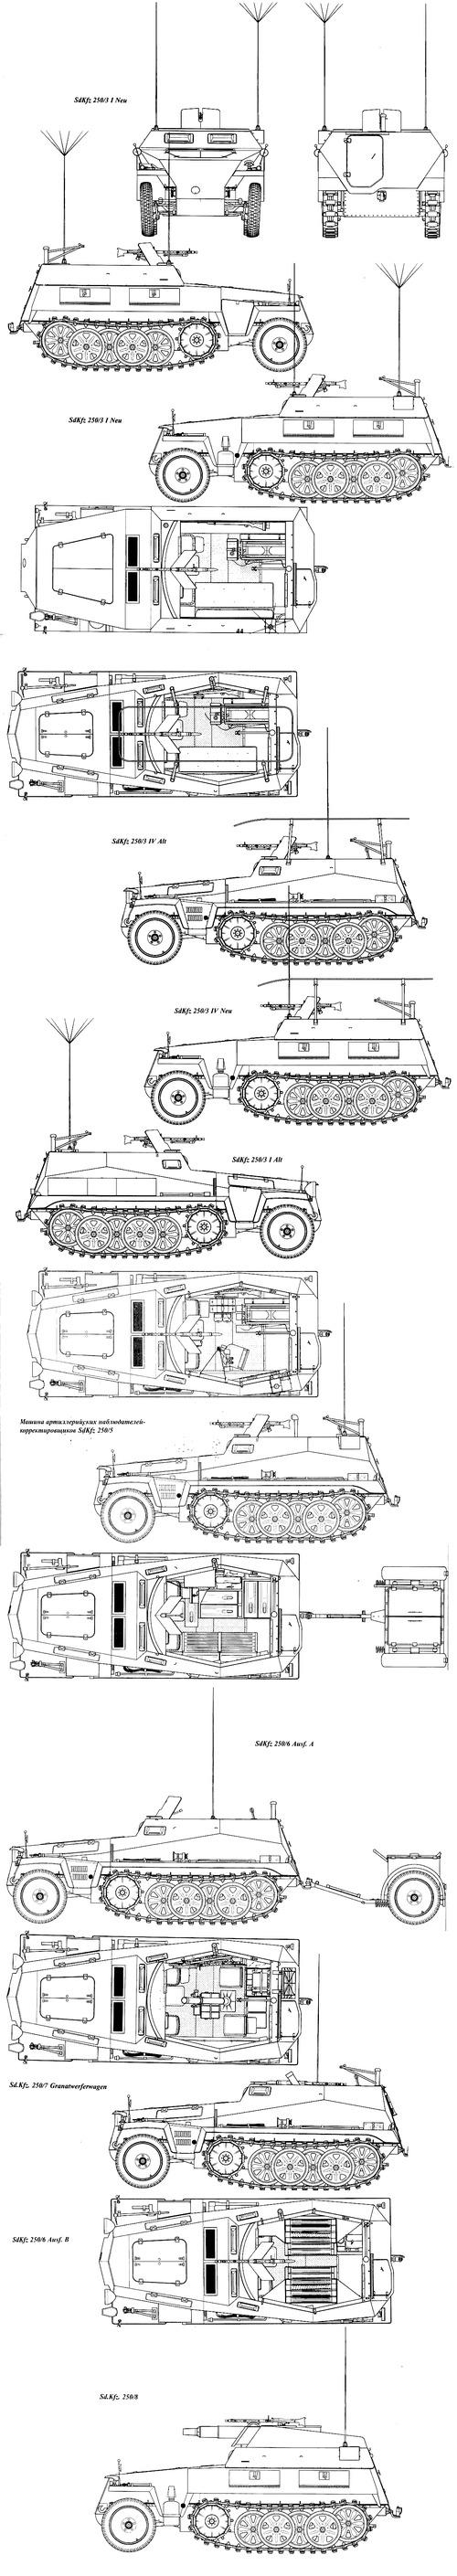 Sd. Kfz. 250